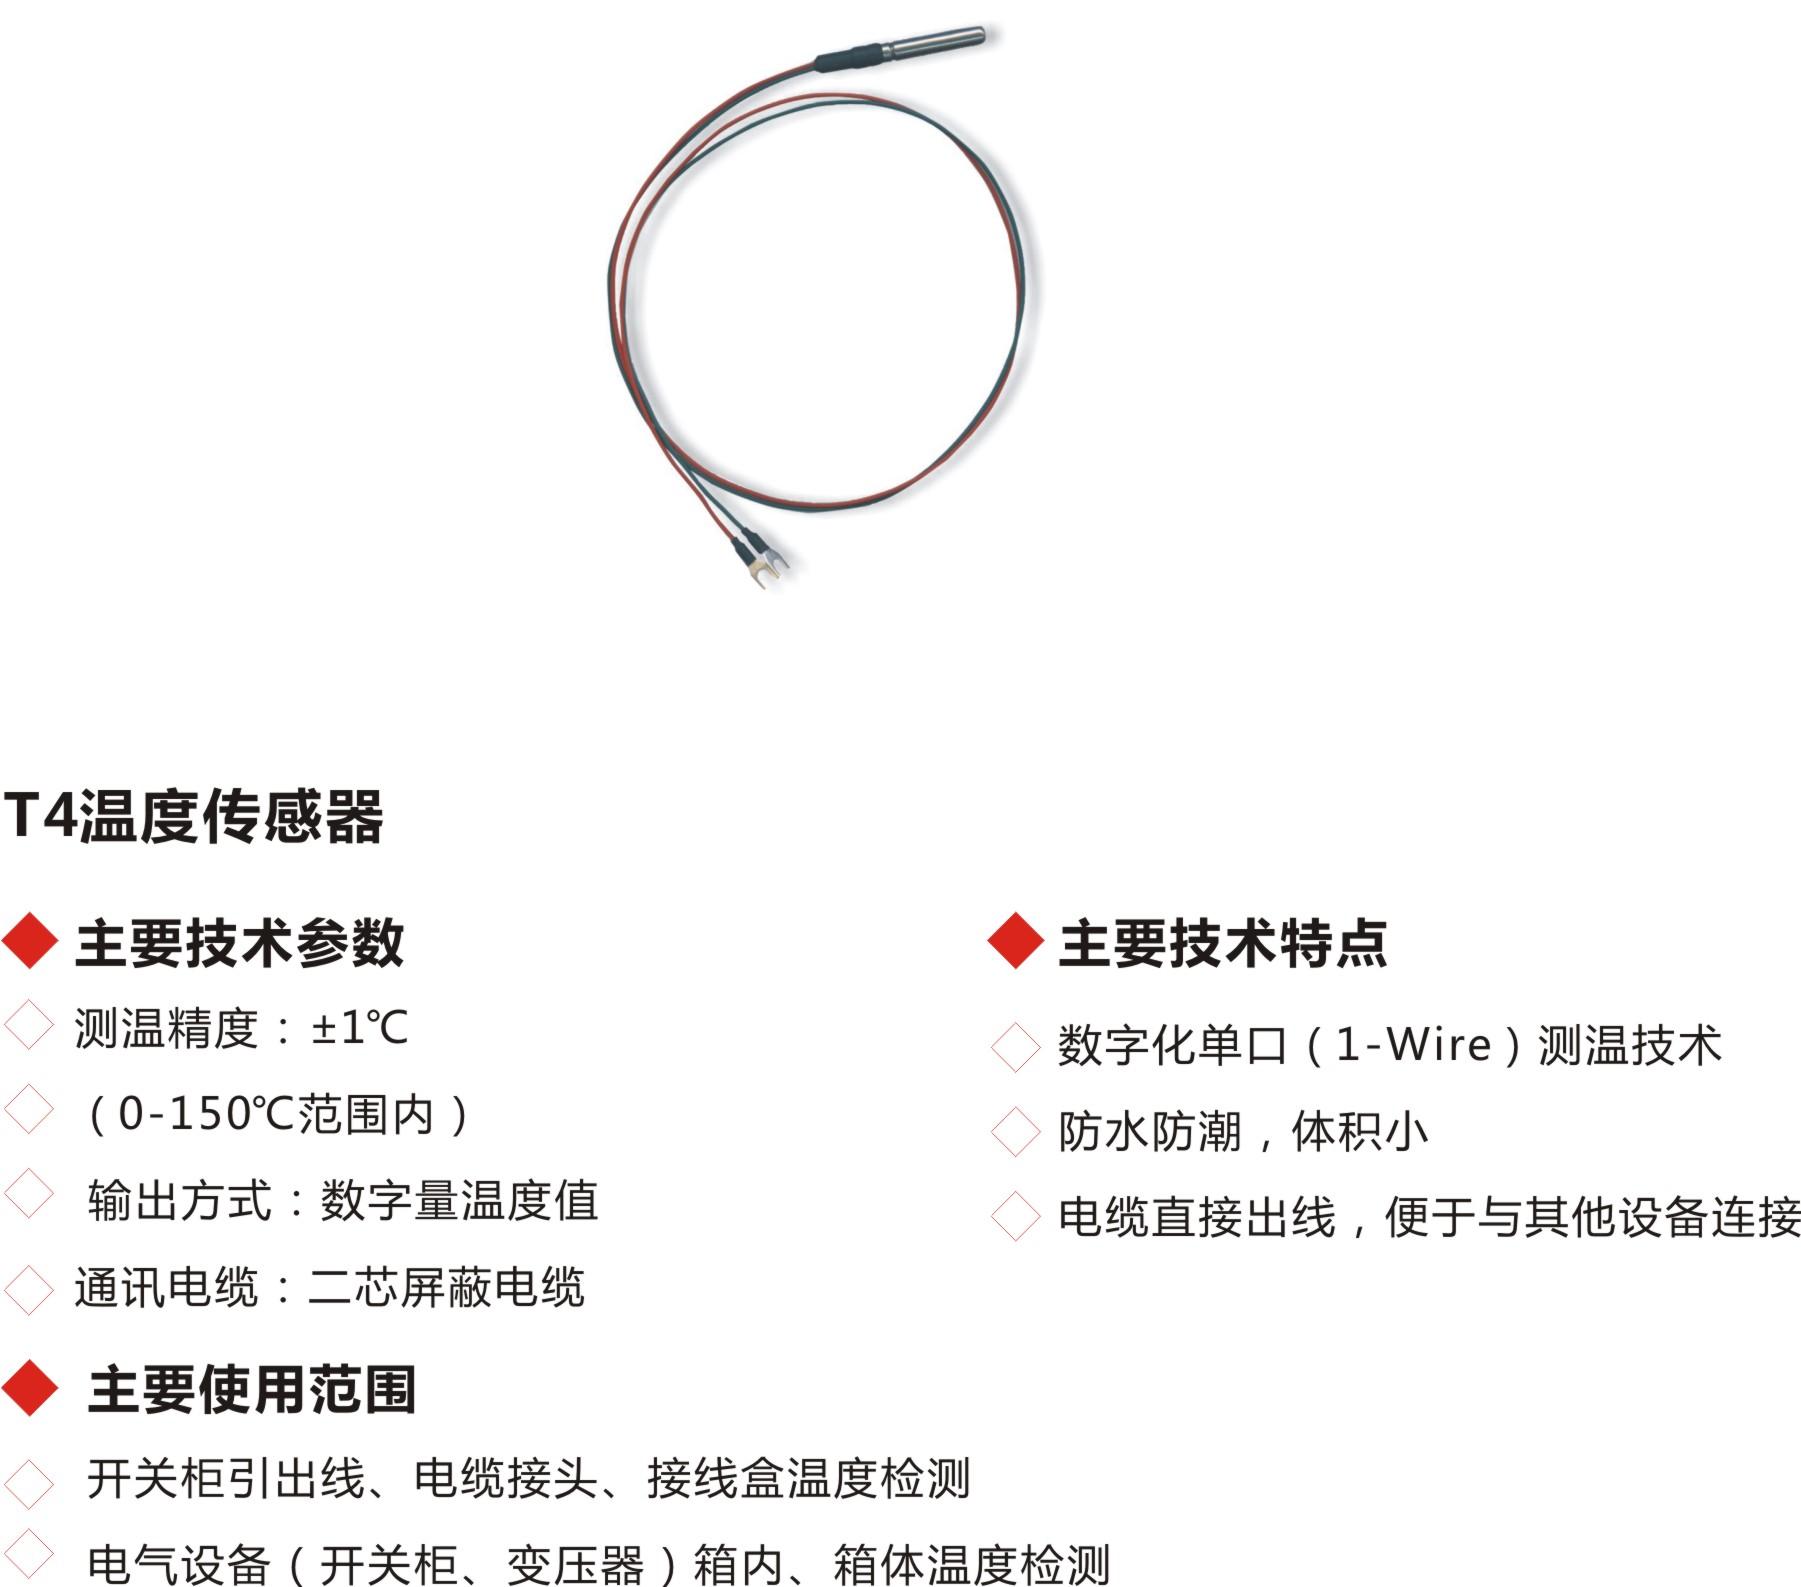 热电偶,热敏电阻,半导体尸n 结,温控晶闸管和集成电路型温度传感器等